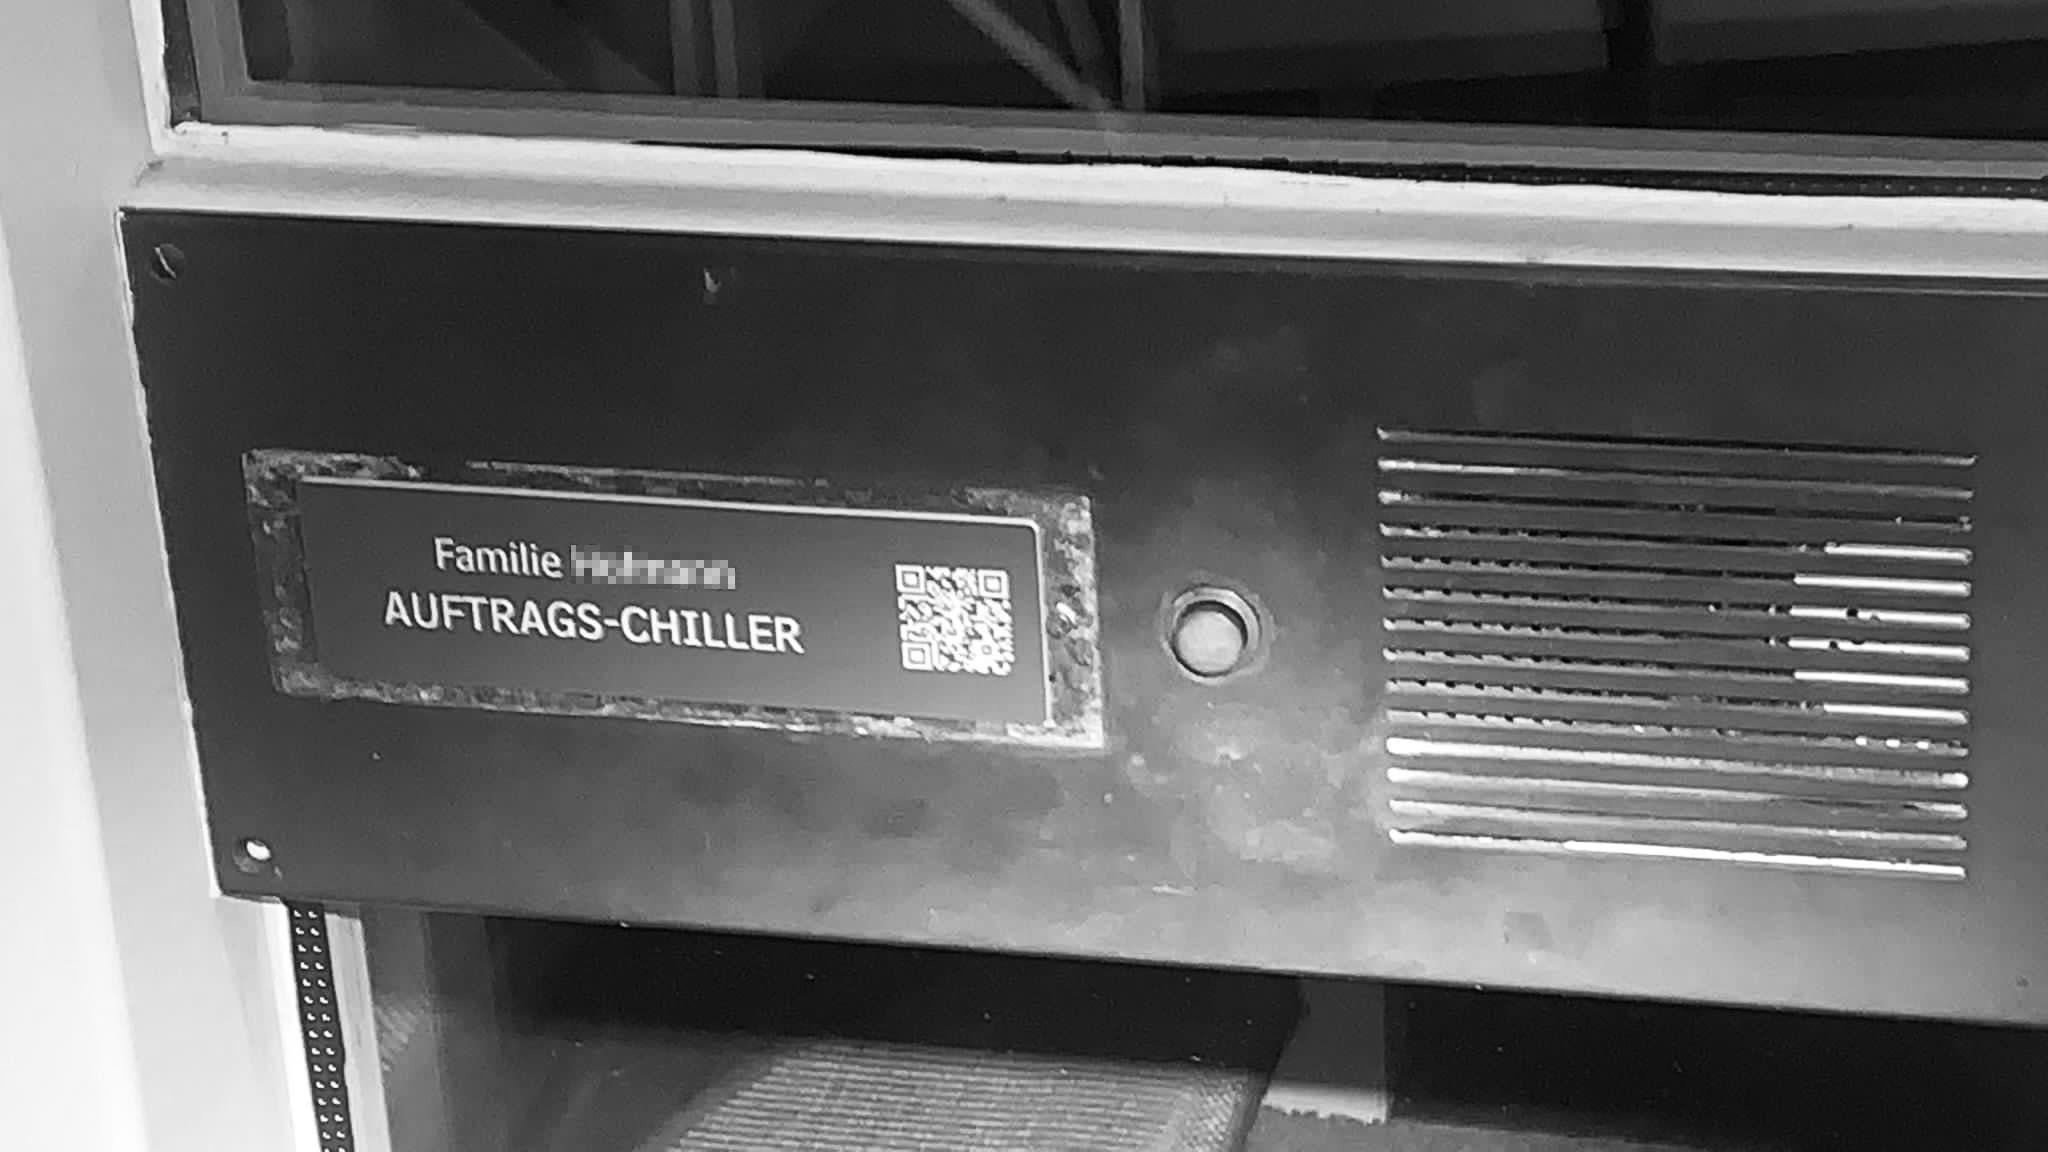 Auftrags-Chiller 2